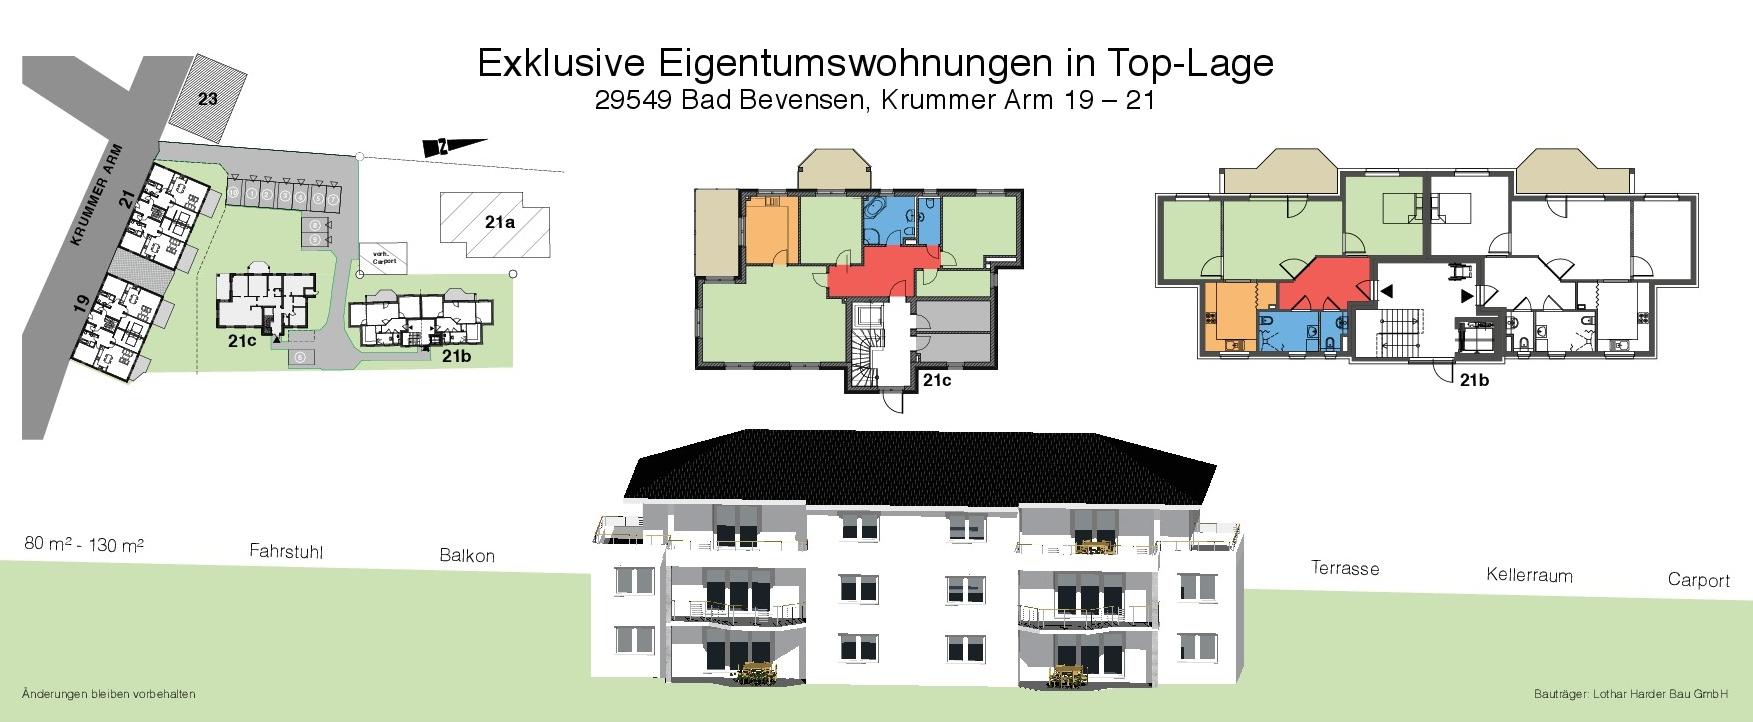 exklusive Eigentumswohnungen in Top-Lage in 29549 Bad Bevensen, Krummer Arm 19-21